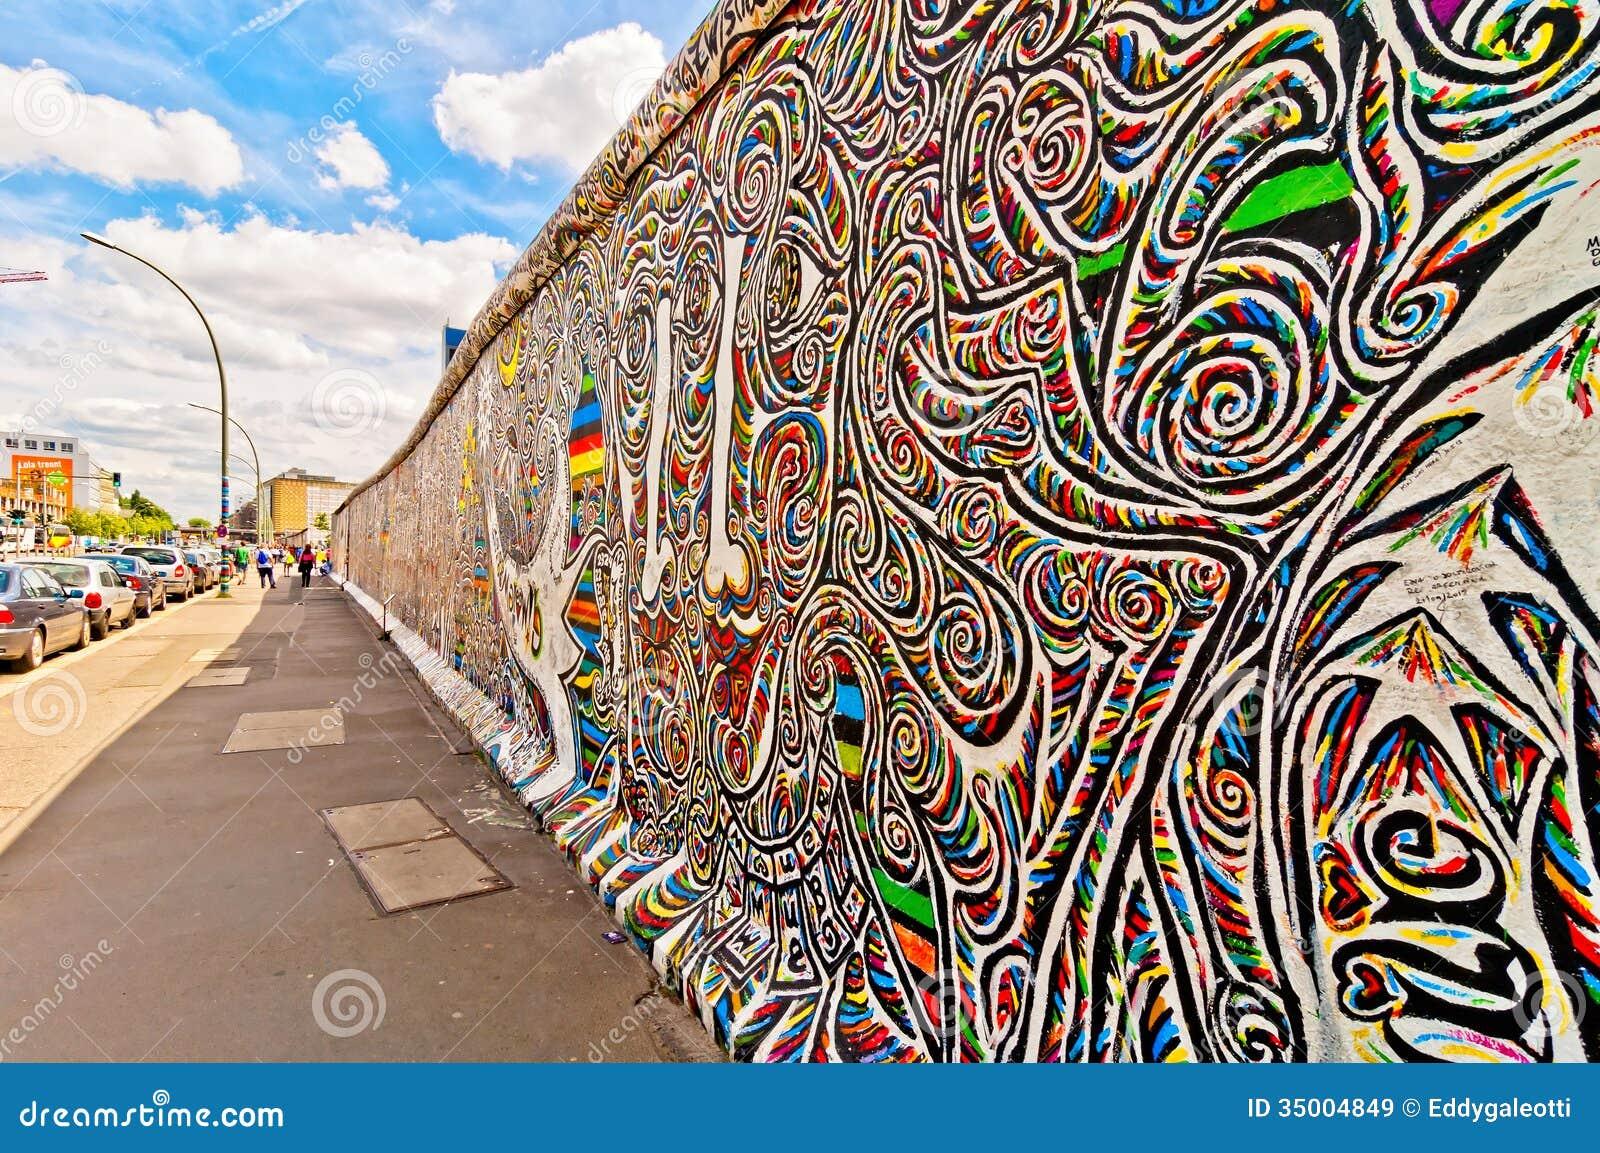 Grafiti wall berlin - Art Berlin Gallery Germany Graffiti History Wall